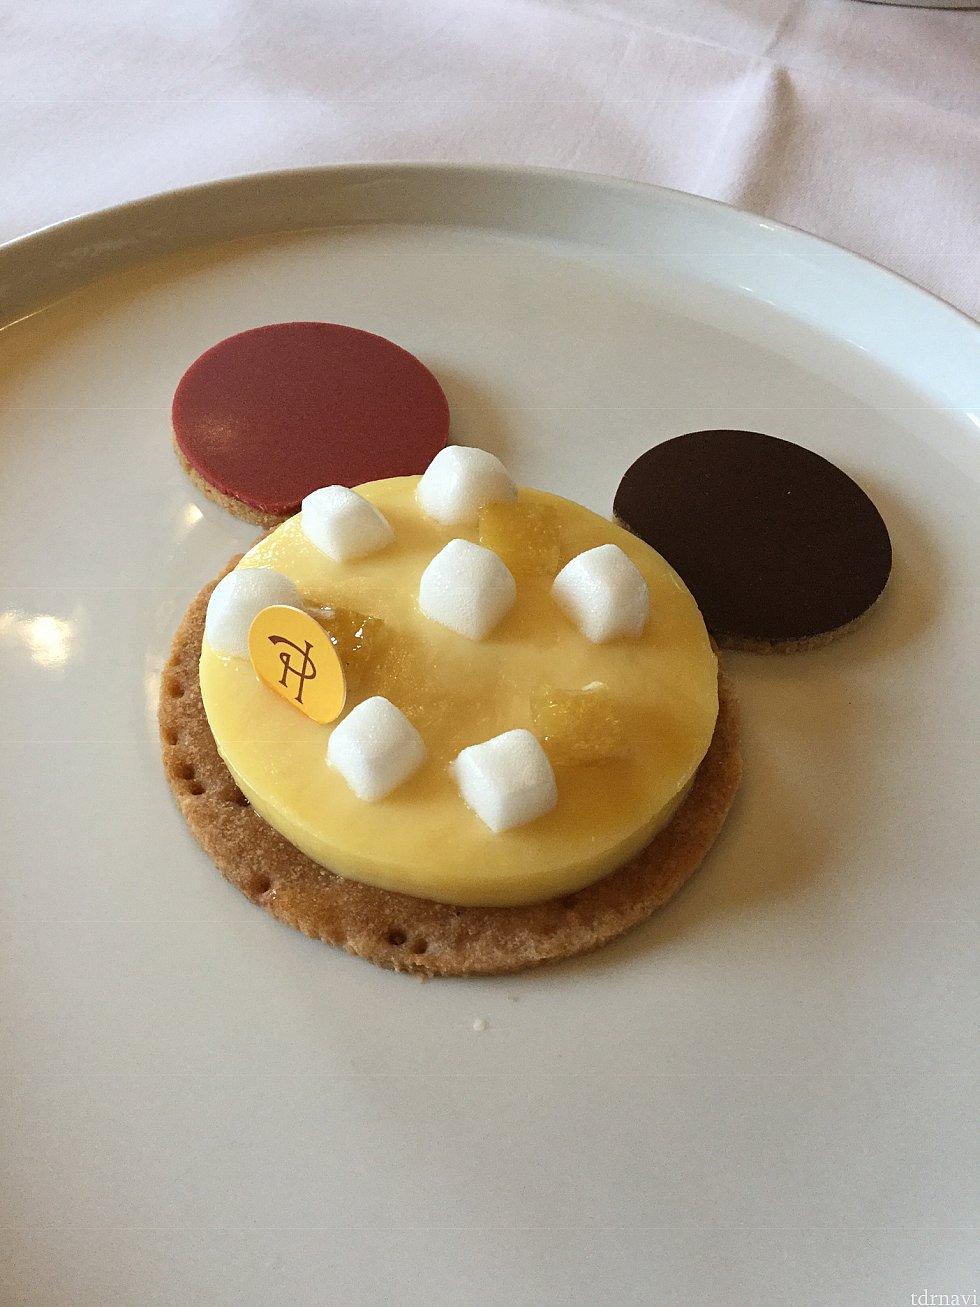 念願のピエールエルメのデザート! 耳はビターとベリーのチョコレート、お顔はレモンムースにメレンゲが乗っていました